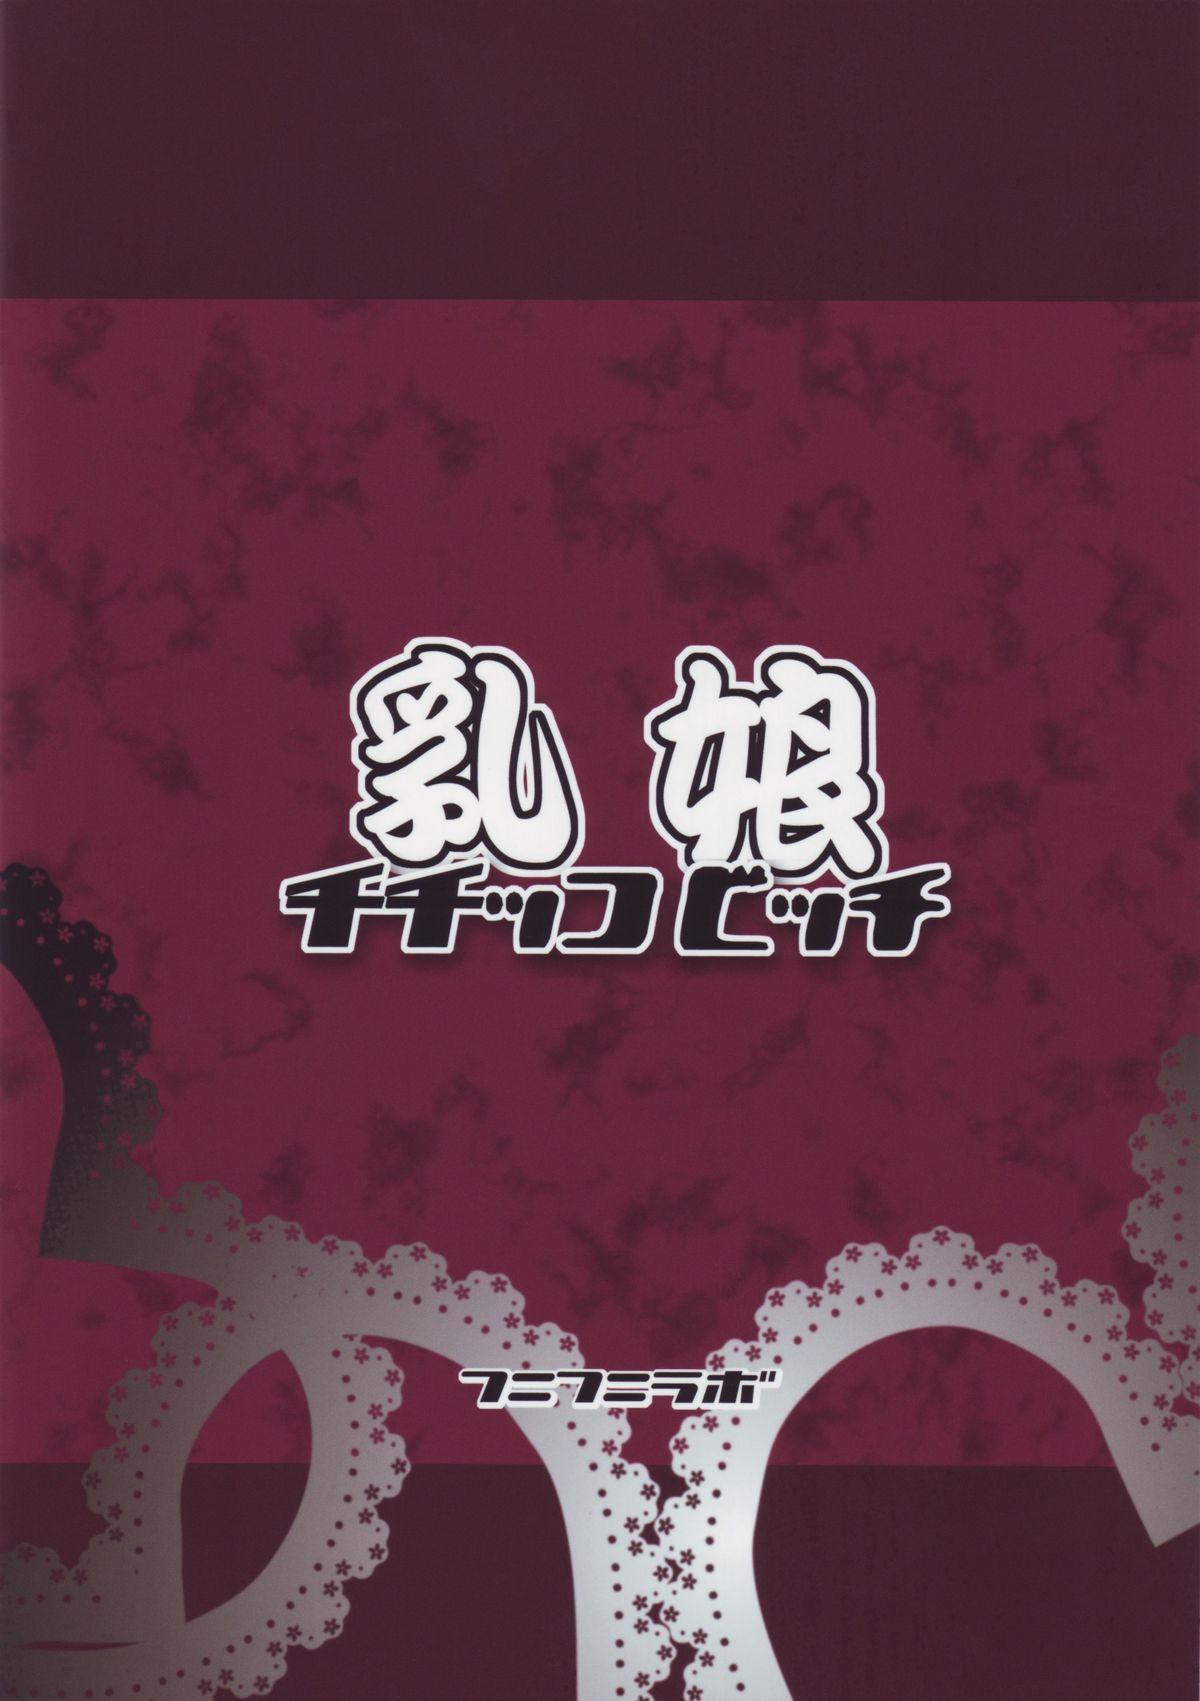 HentaiVN.net - Ảnh 27 - Chichikko Bitch 1 (Fairy Tail) - Oneshot